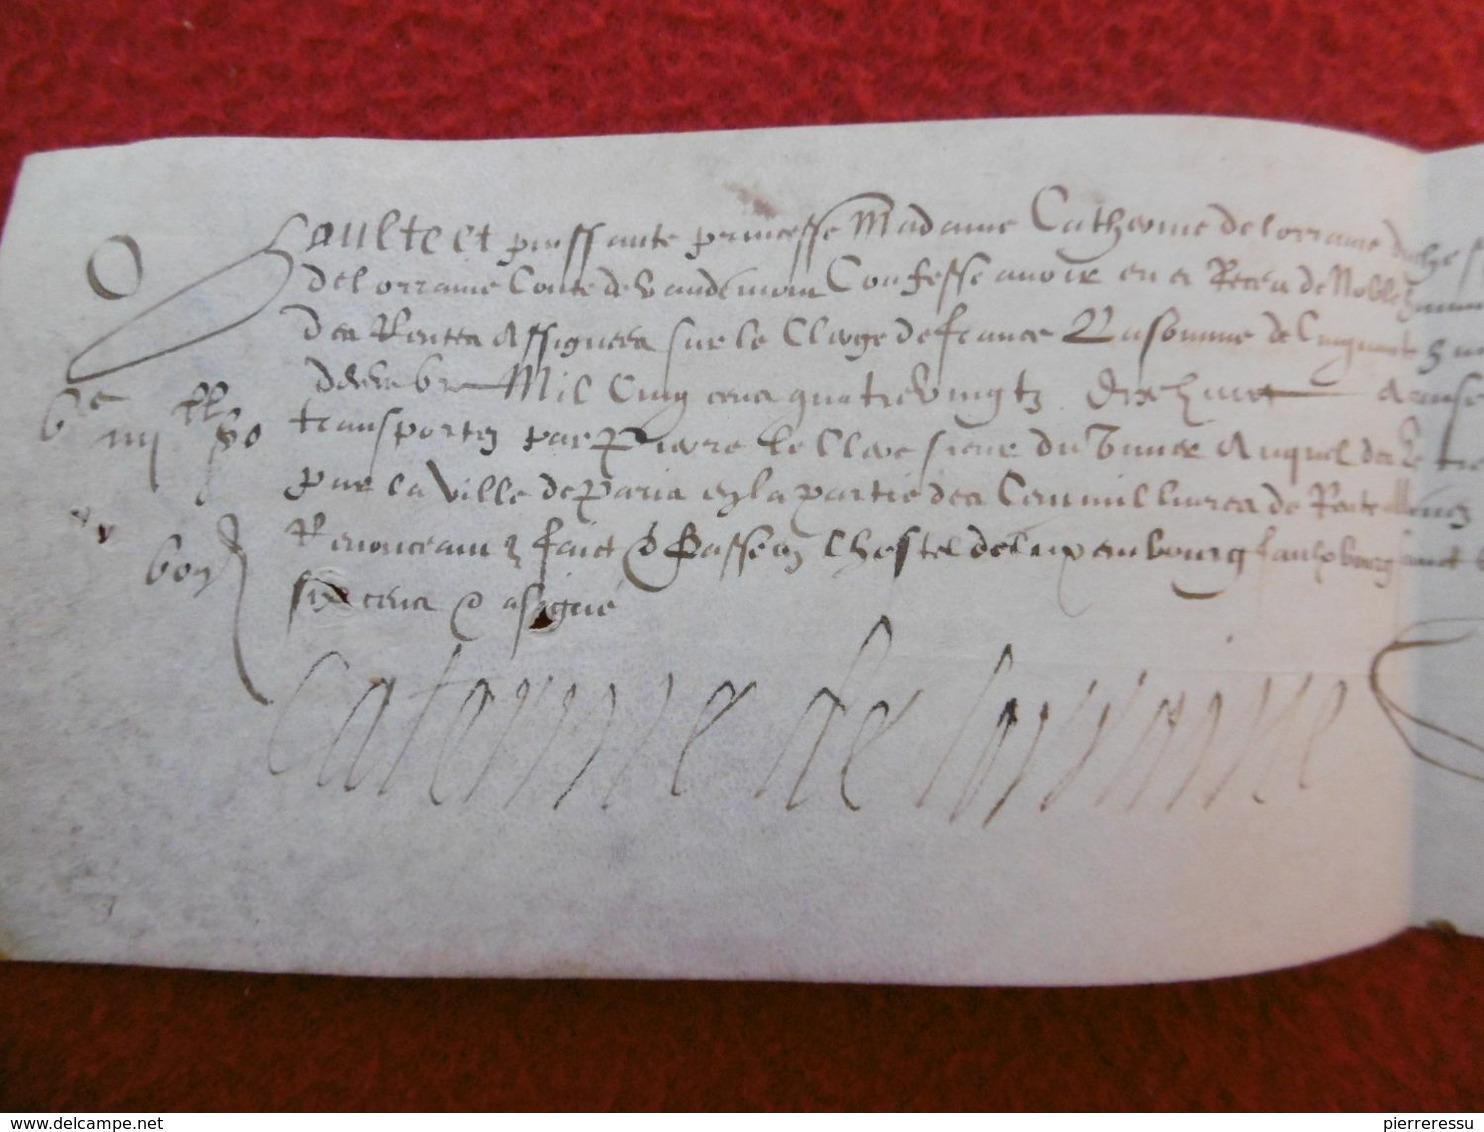 CATHERINE DE LORRAINE AUTOGRAPHE SUR PARCHEMIN MANUSCRIT - Autographs